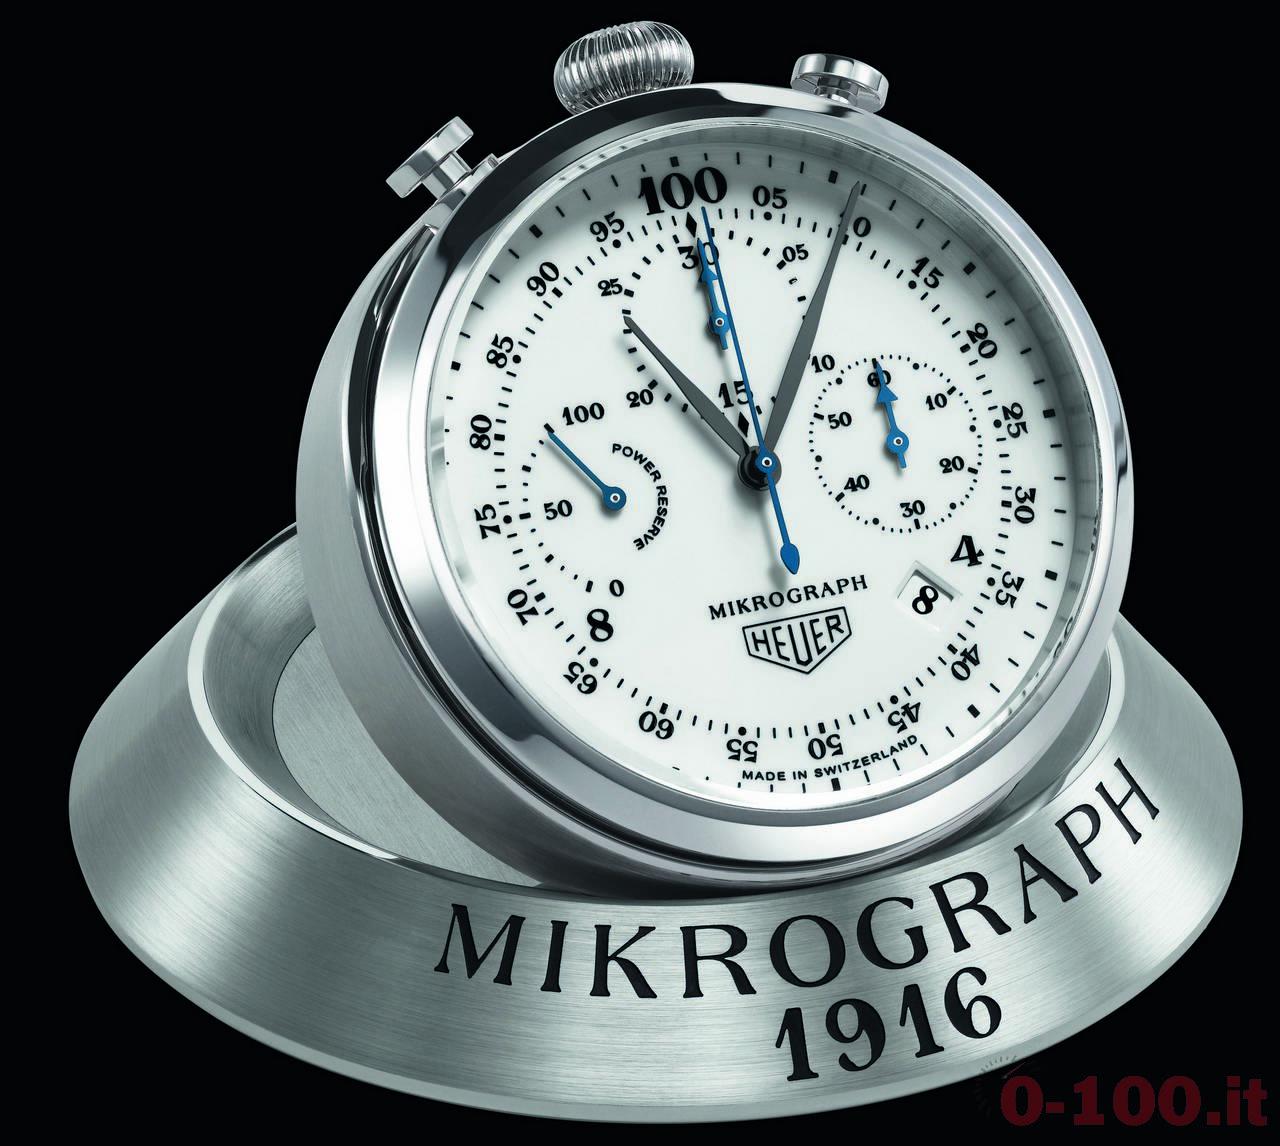 tag-heuer-carrera-mikrograph-edizione-anniversario-1916-2016-limited-edition-prezzo-price_0-10011